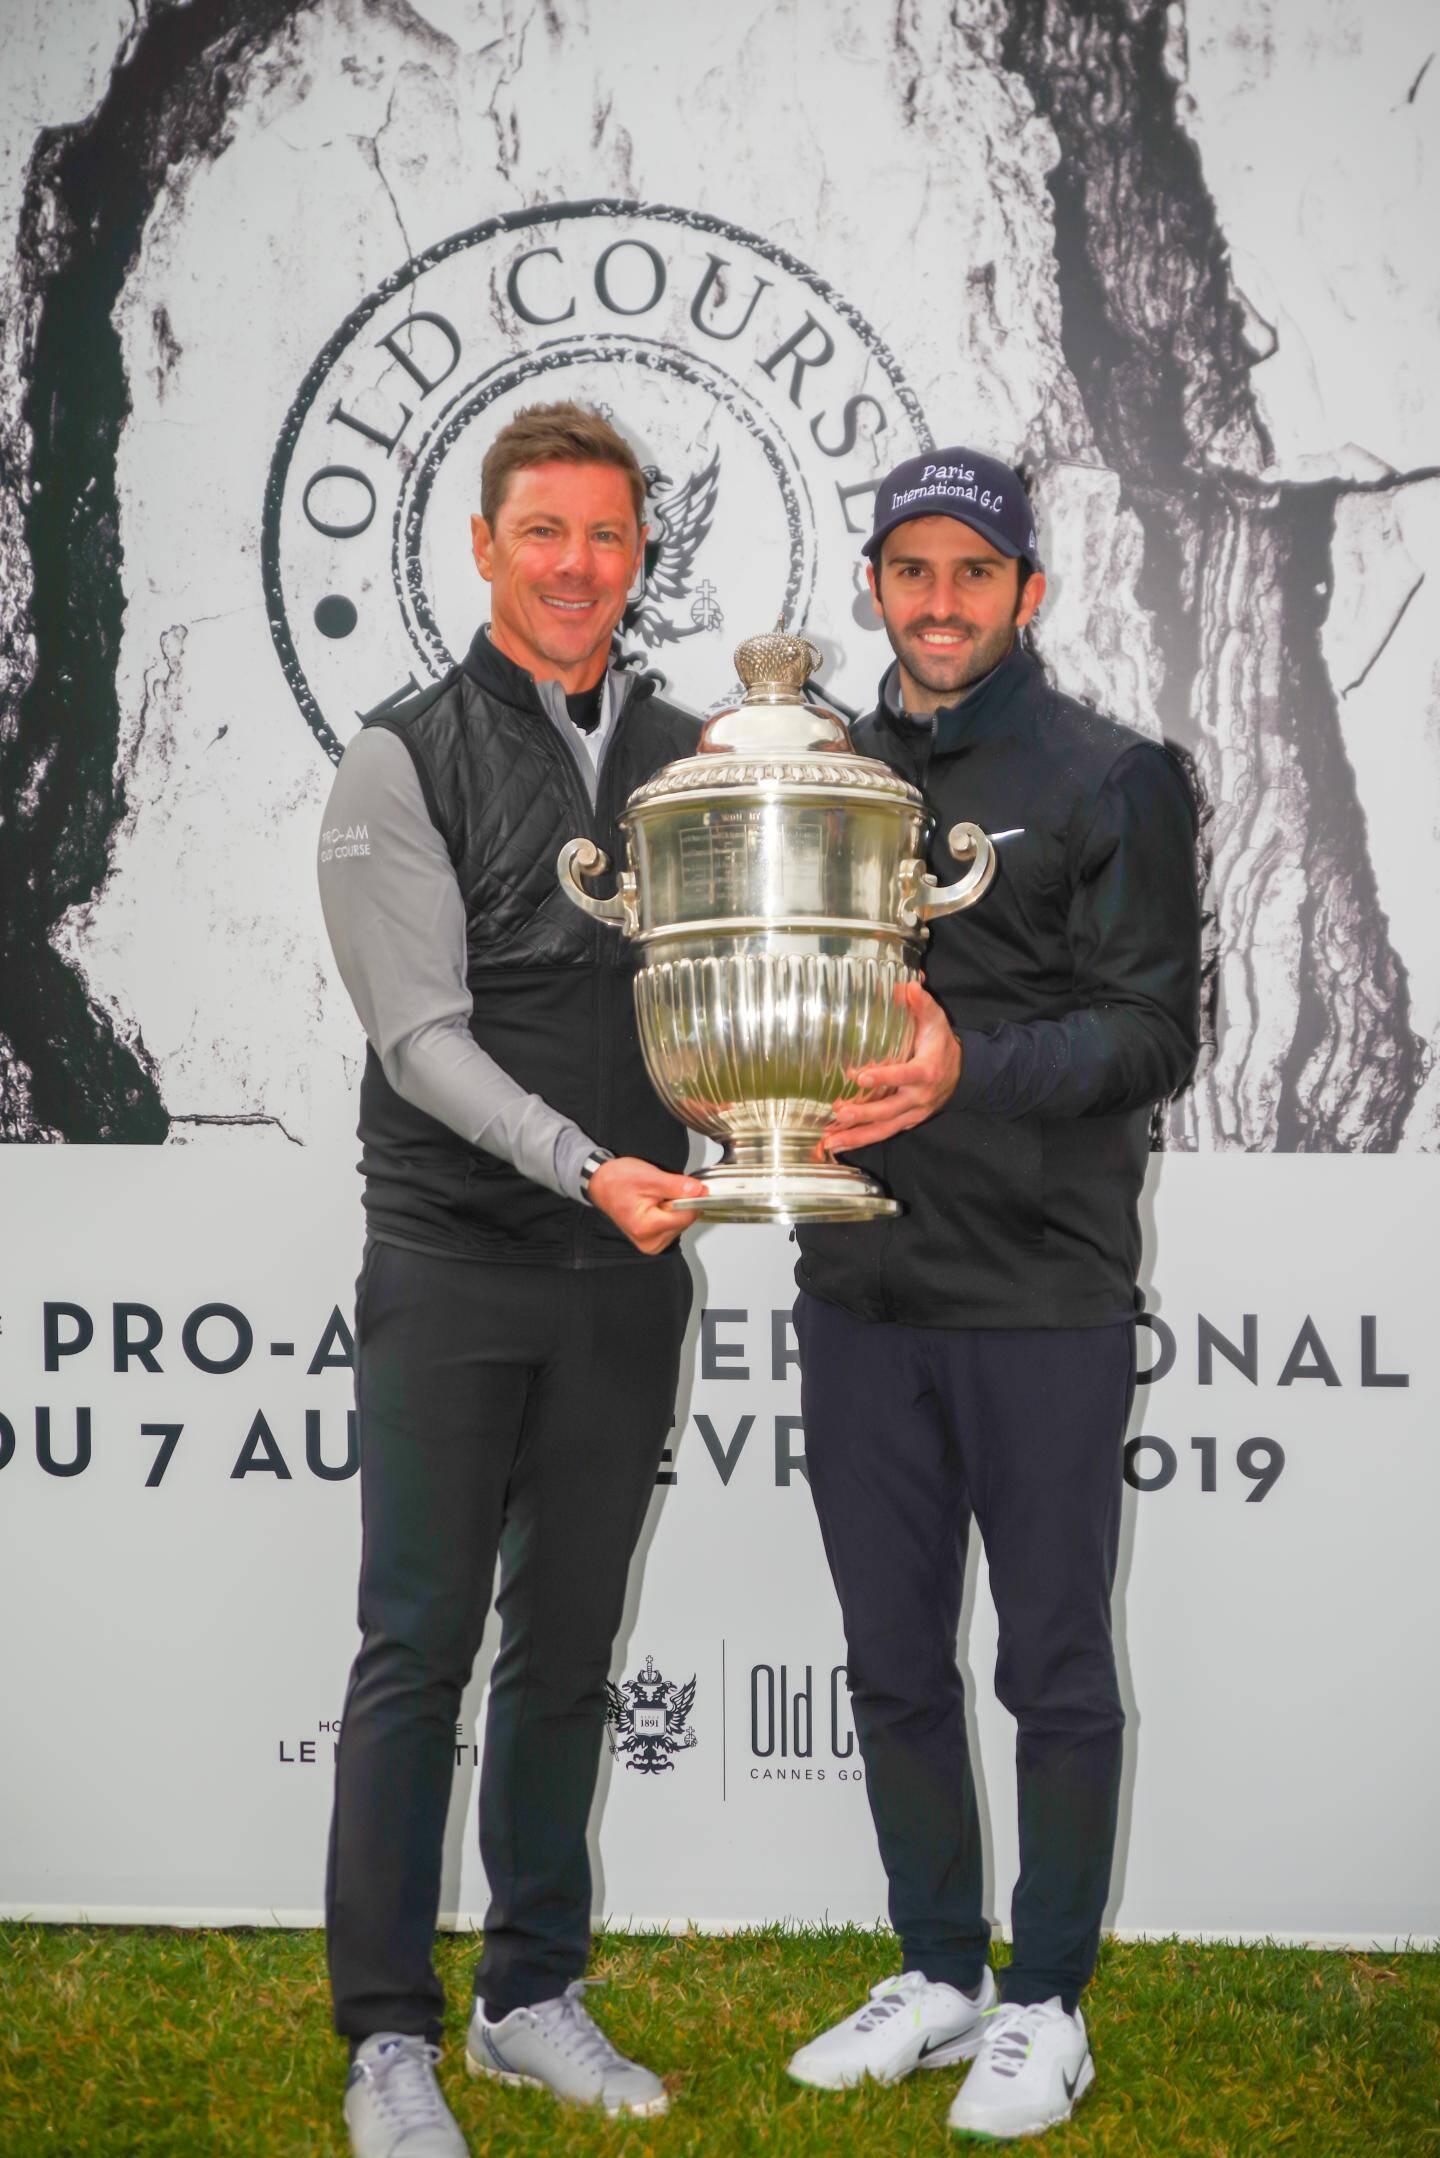 Jean-Stéphane Camérini, président du Old Course Cannes golf links a remis le trophée de la victoire à Joël Stalter.